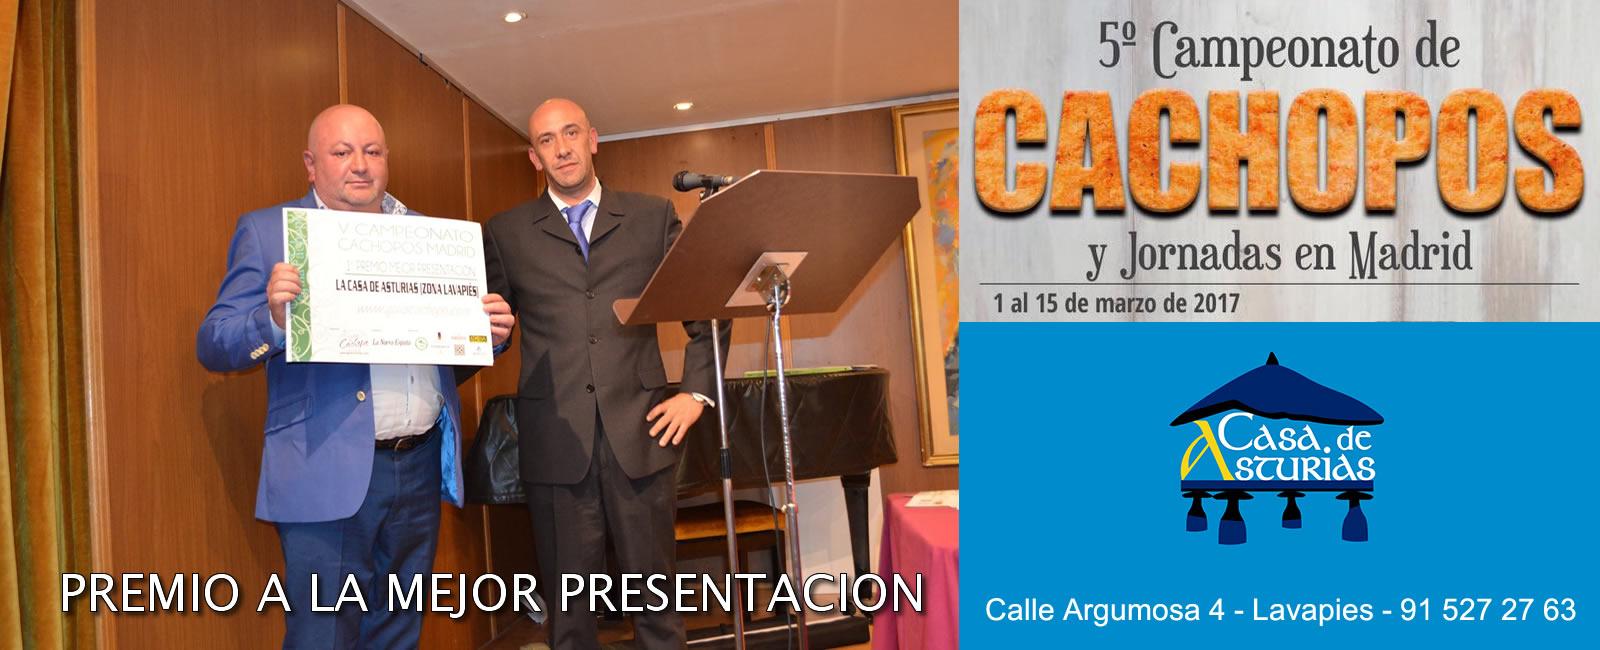 MEJOR CACHOPO DE MADRID - MEJOR PRESENTACION